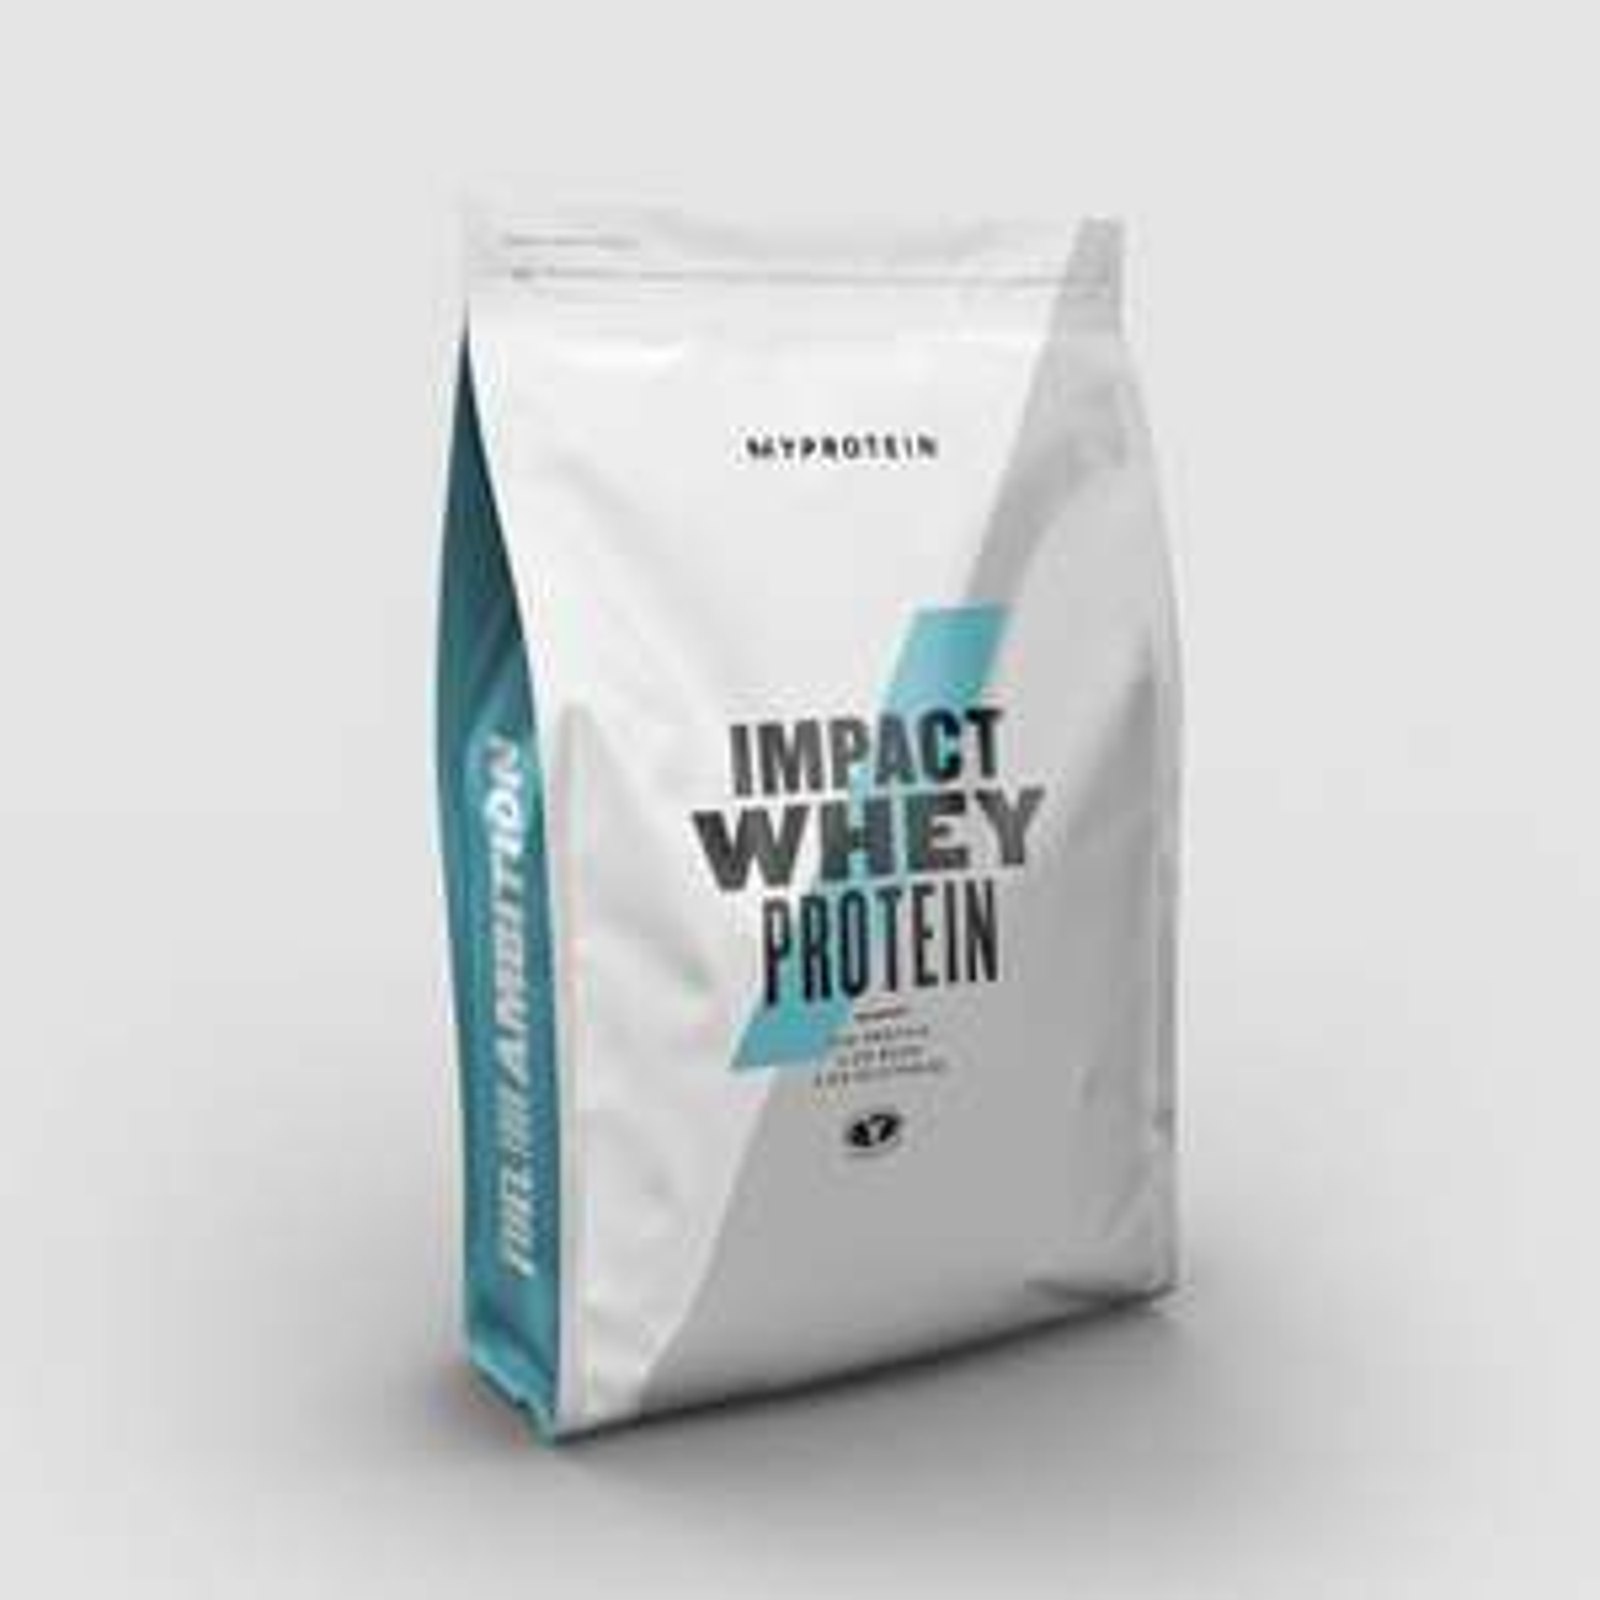 46% auf (fast) alles + Gratisversand ab 40€ bei Myprotein: z.B. 5kg Impact Whey Protein für 44,27€ inkl. Versand (8,85€/kg)